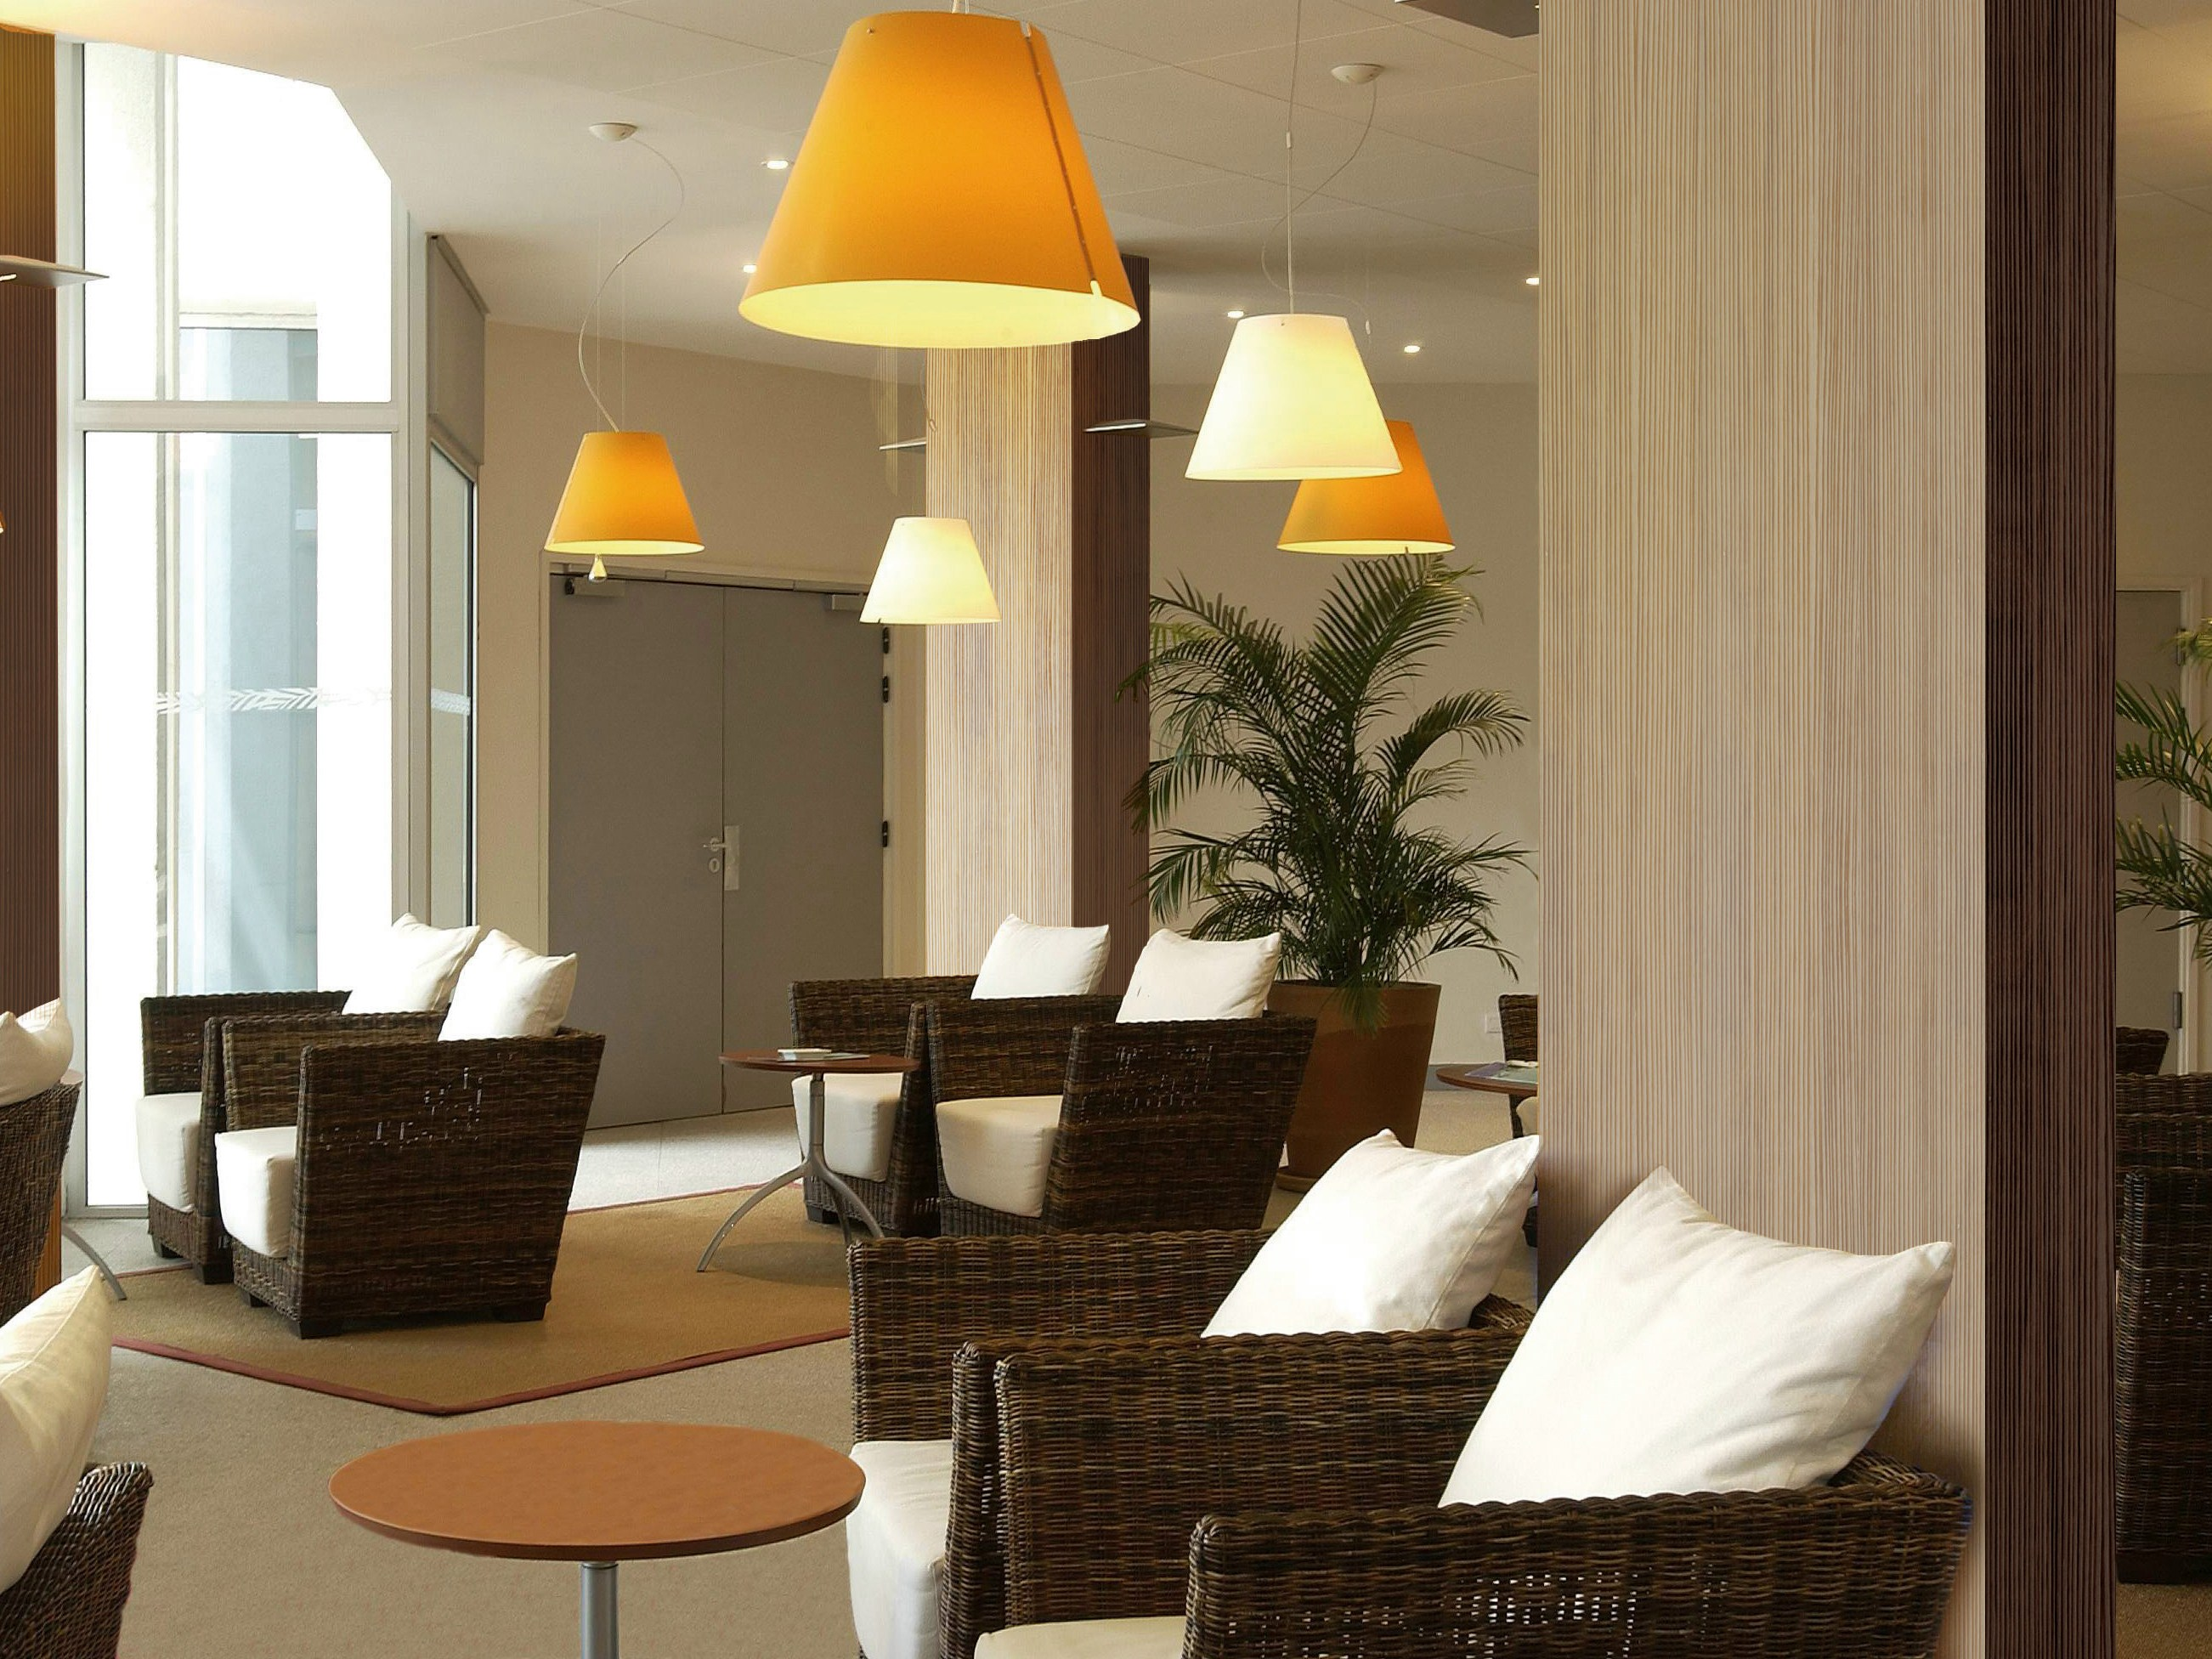 rev tement mural en stratifi pour int rieur collection prestige d oberflex by oberflex. Black Bedroom Furniture Sets. Home Design Ideas